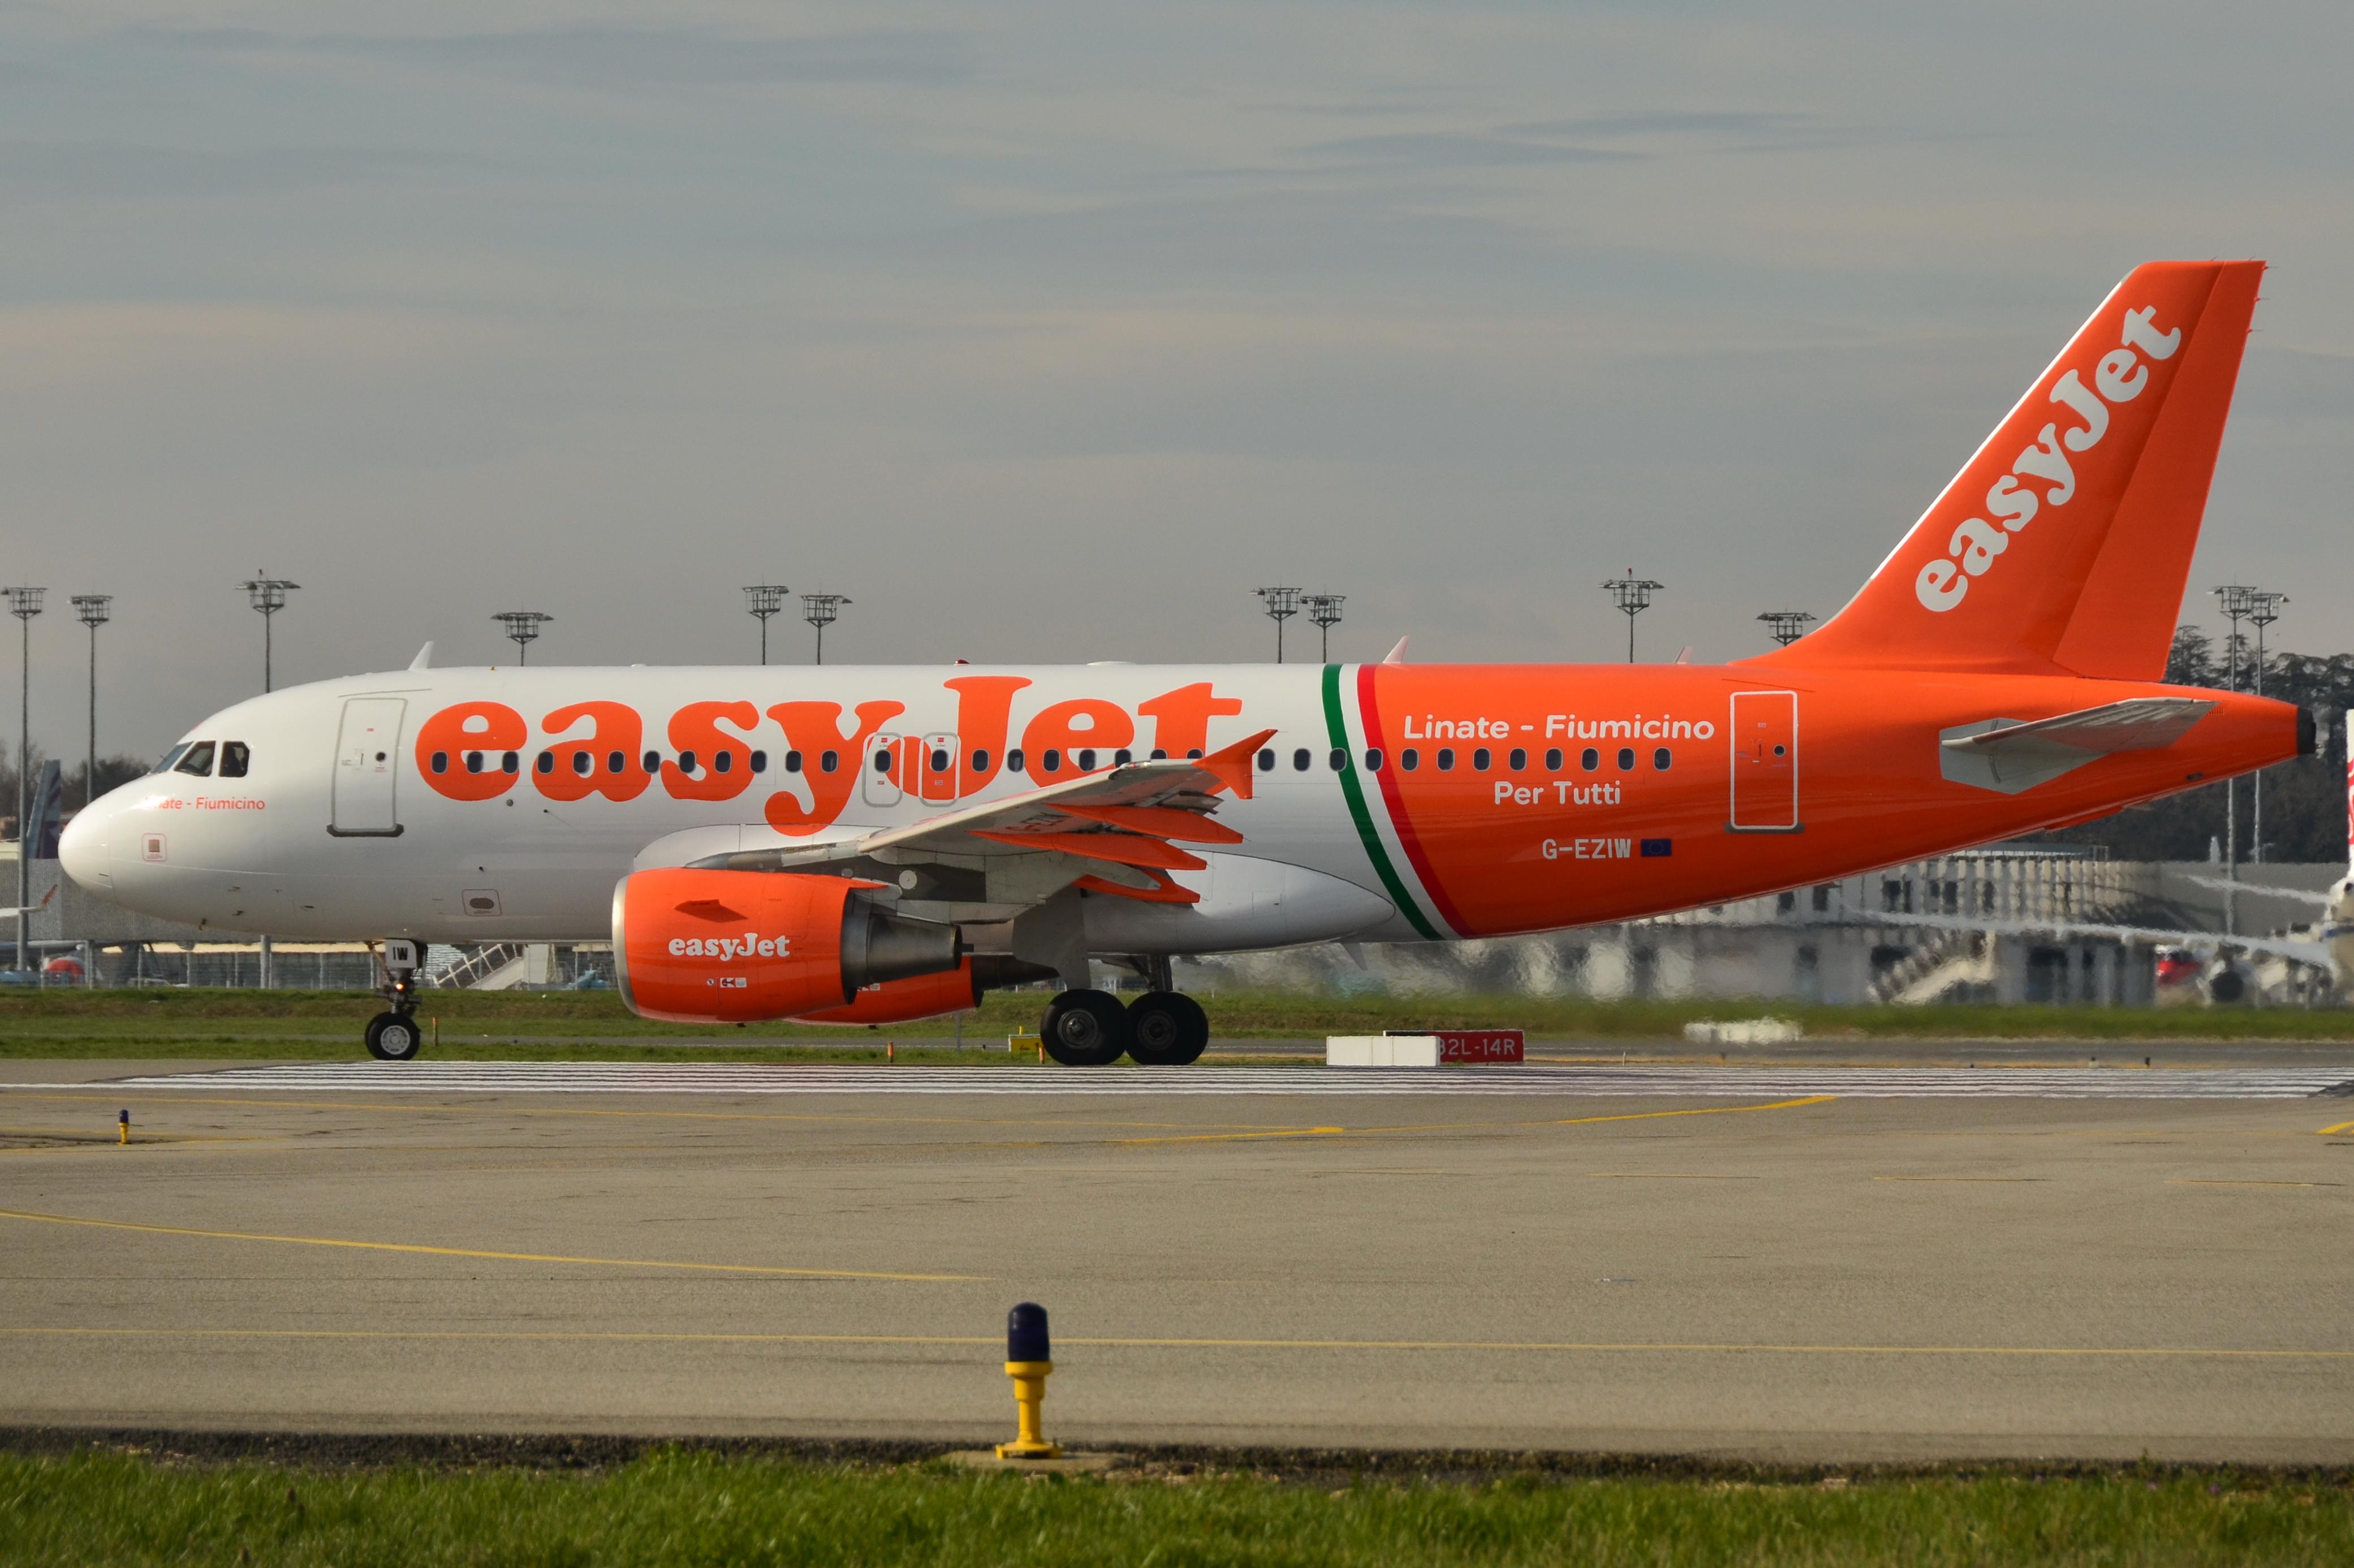 """File:Airbus A319-100 easyJet (EZY) """"Linate - Fiumicino per tutti"""